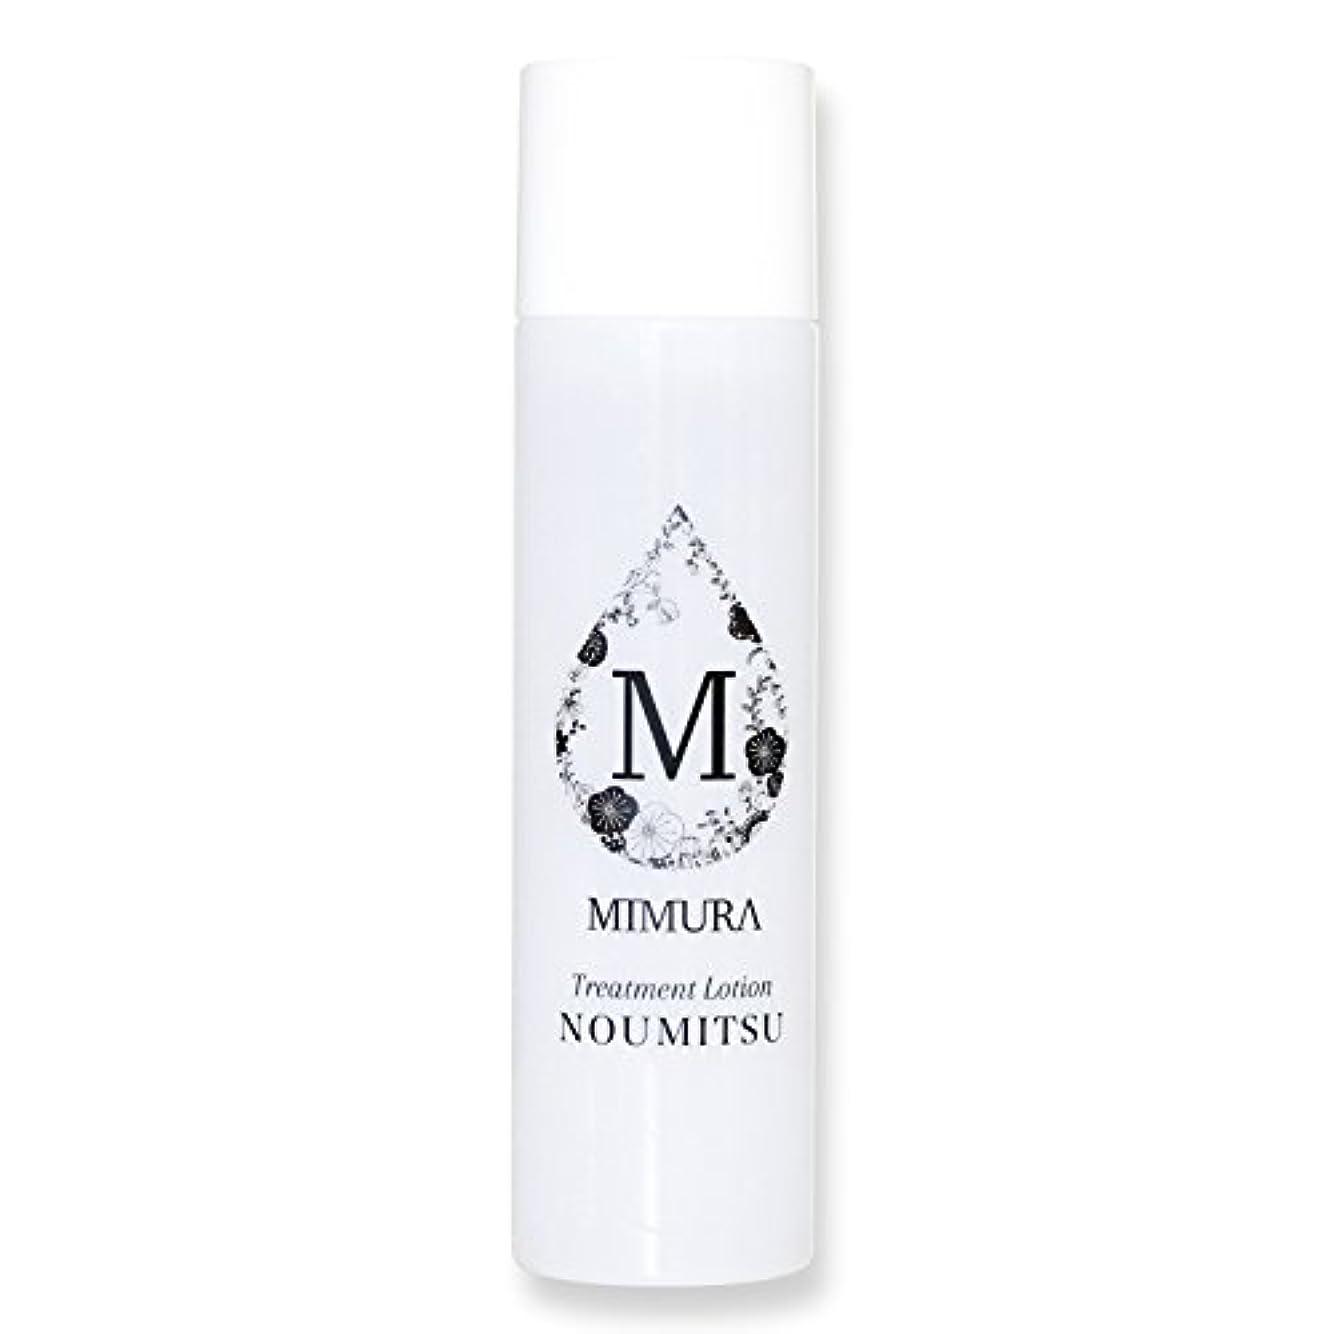 社会刻むパウダー保湿化粧水 敏感肌 乾燥肌 ミムラ トリートメントローション NOUMITSU 125mL MIMURA 日本製